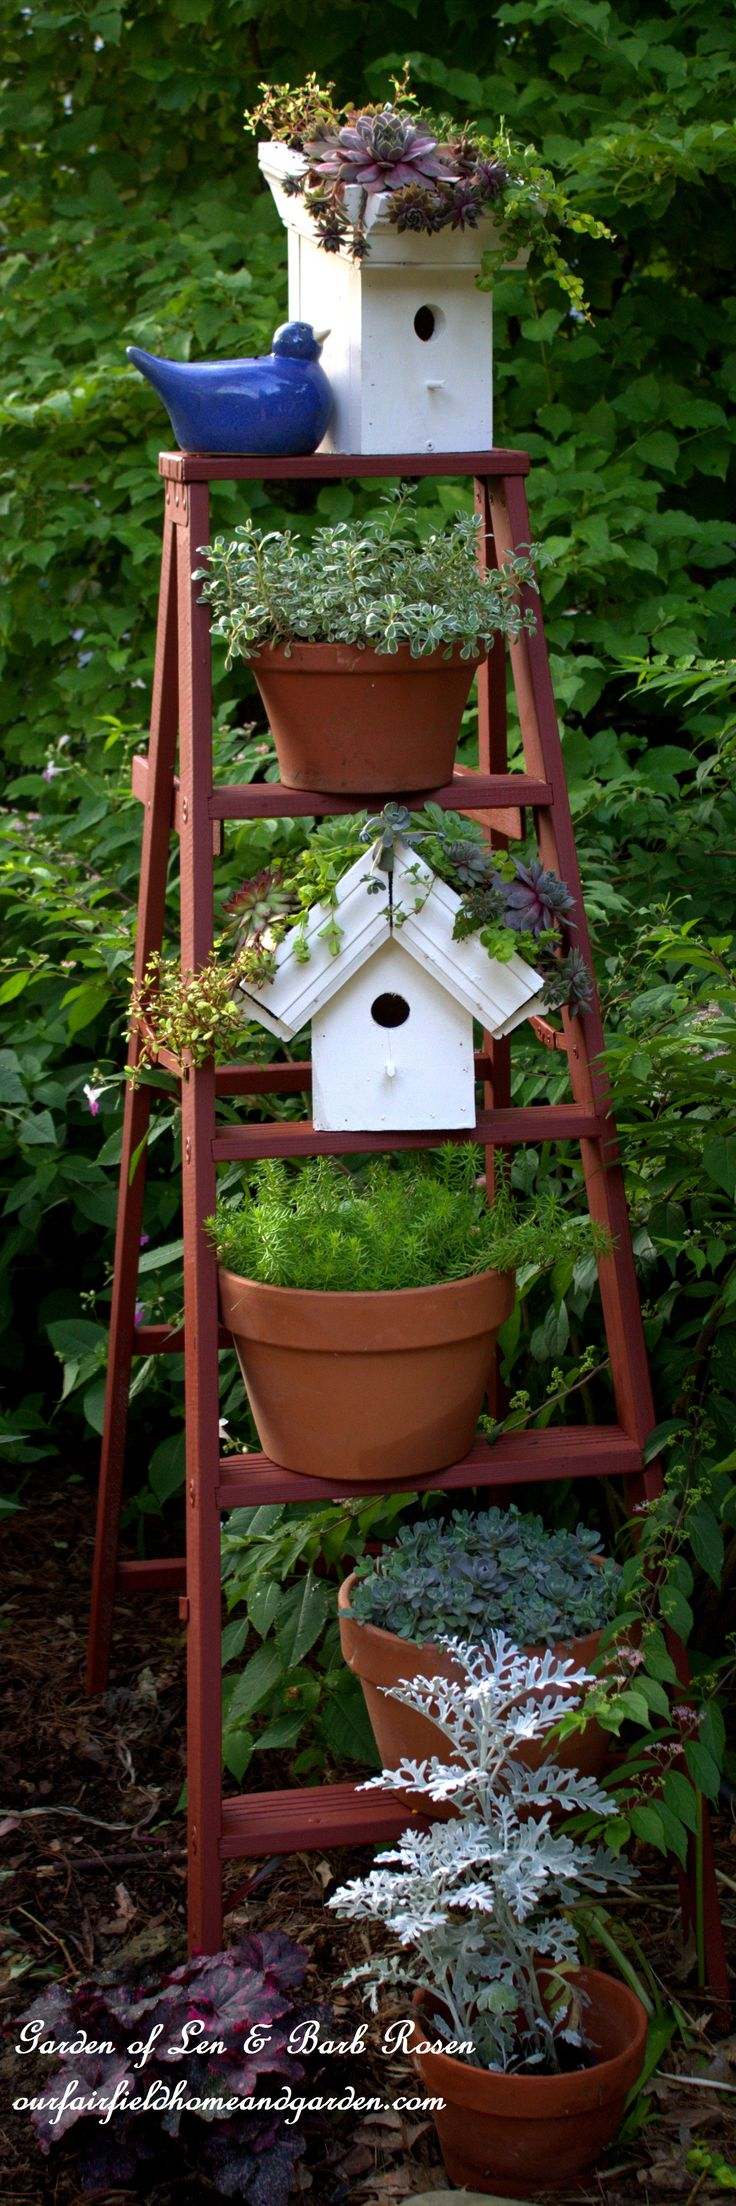 154 best images about garden on pinterest, Gartengerate ideen